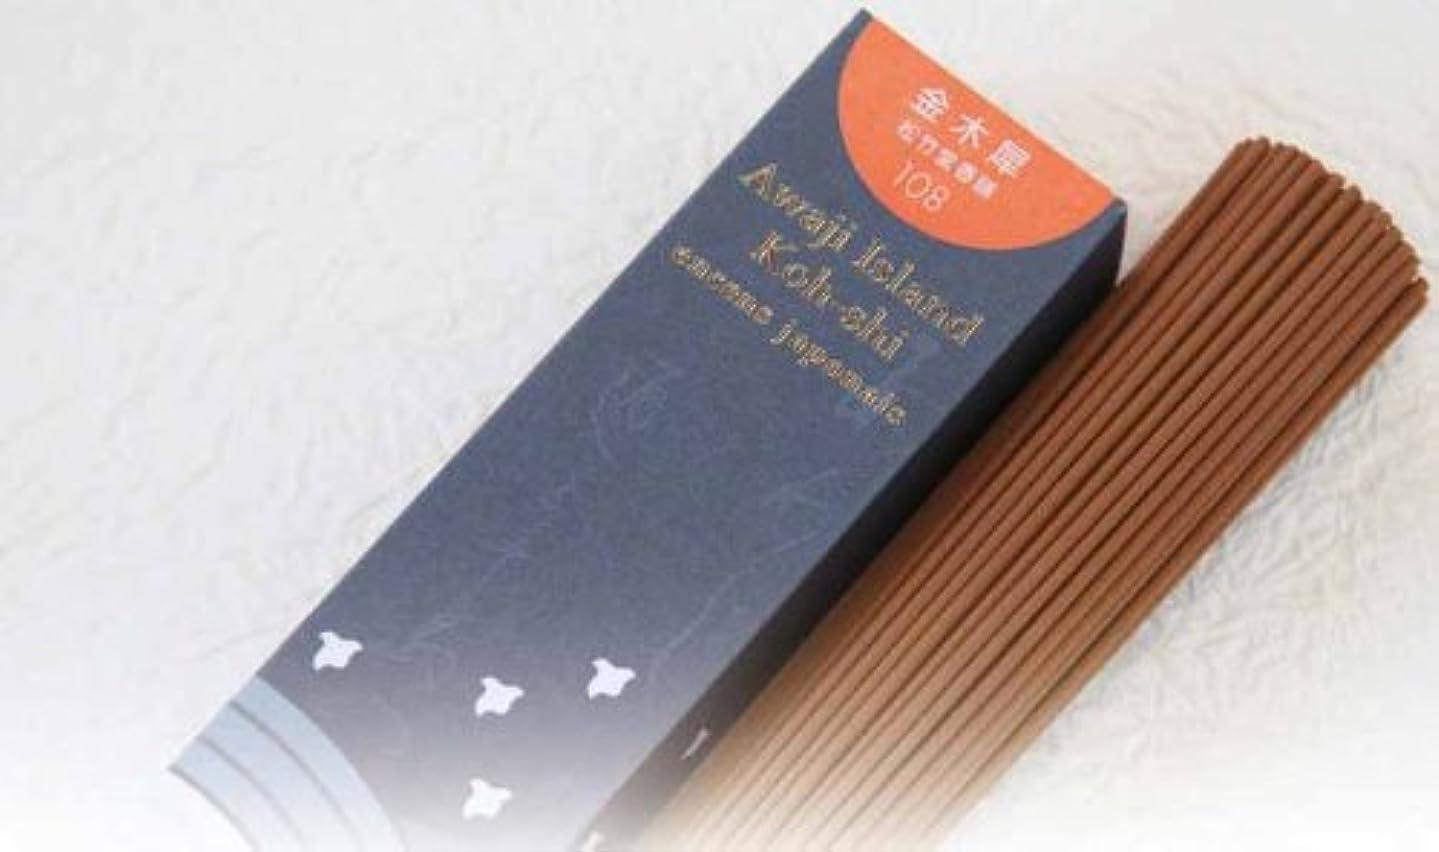 醸造所ぐったりルビー「あわじ島の香司」 日本の香りシリーズ 【108】 ●金木犀●